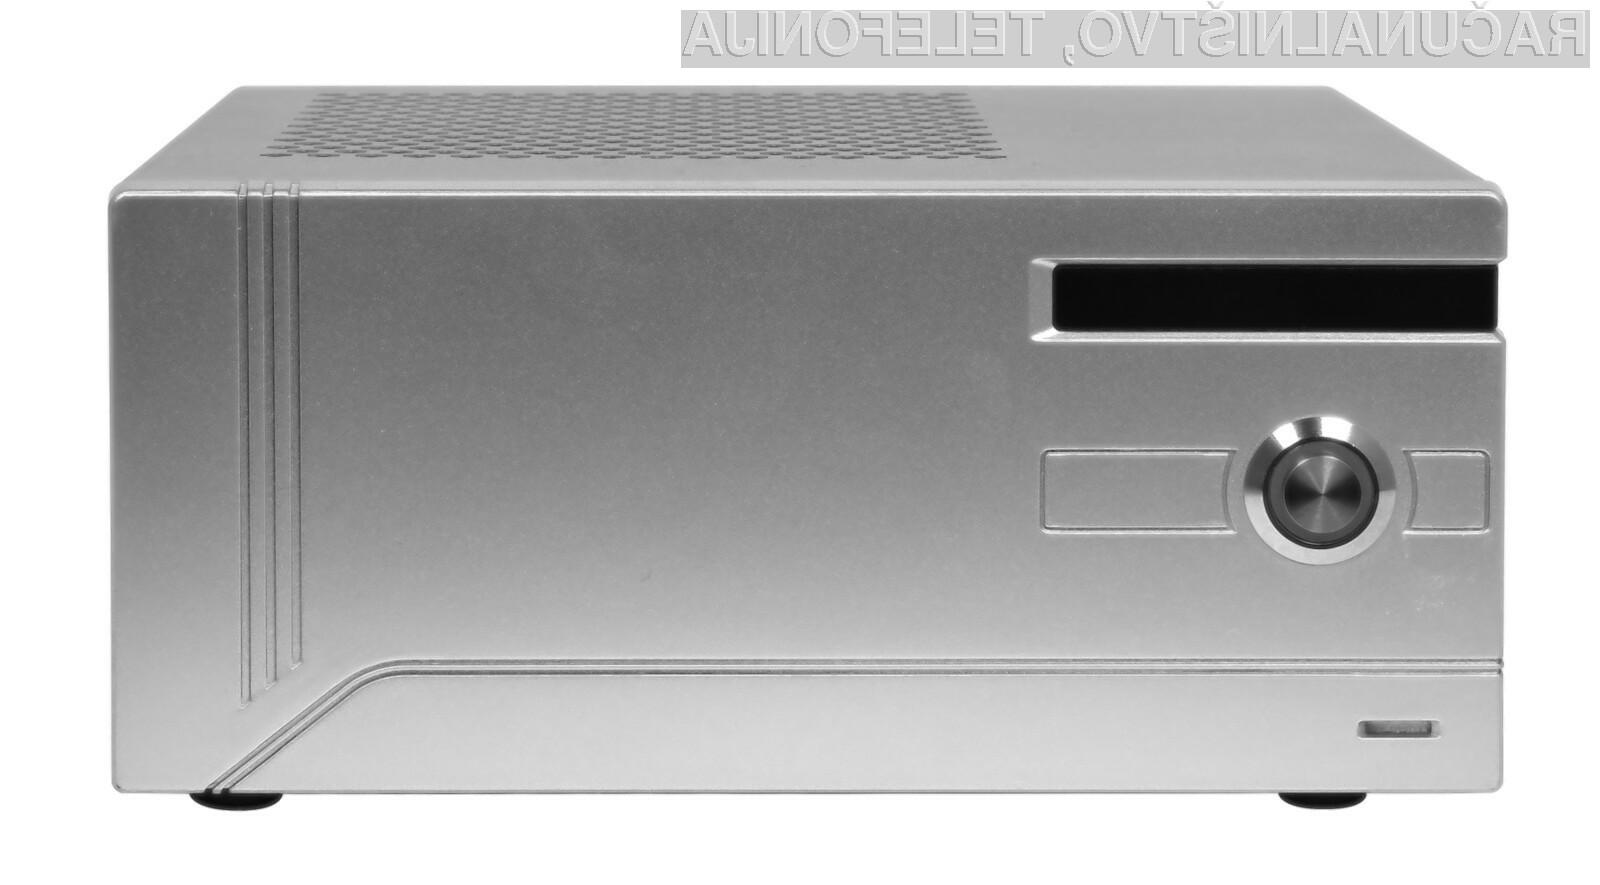 Zunanja grafična kartica KFA2 SNPR External Graphics Enclosure je kos tudi najzahtevnejšim nalogam.